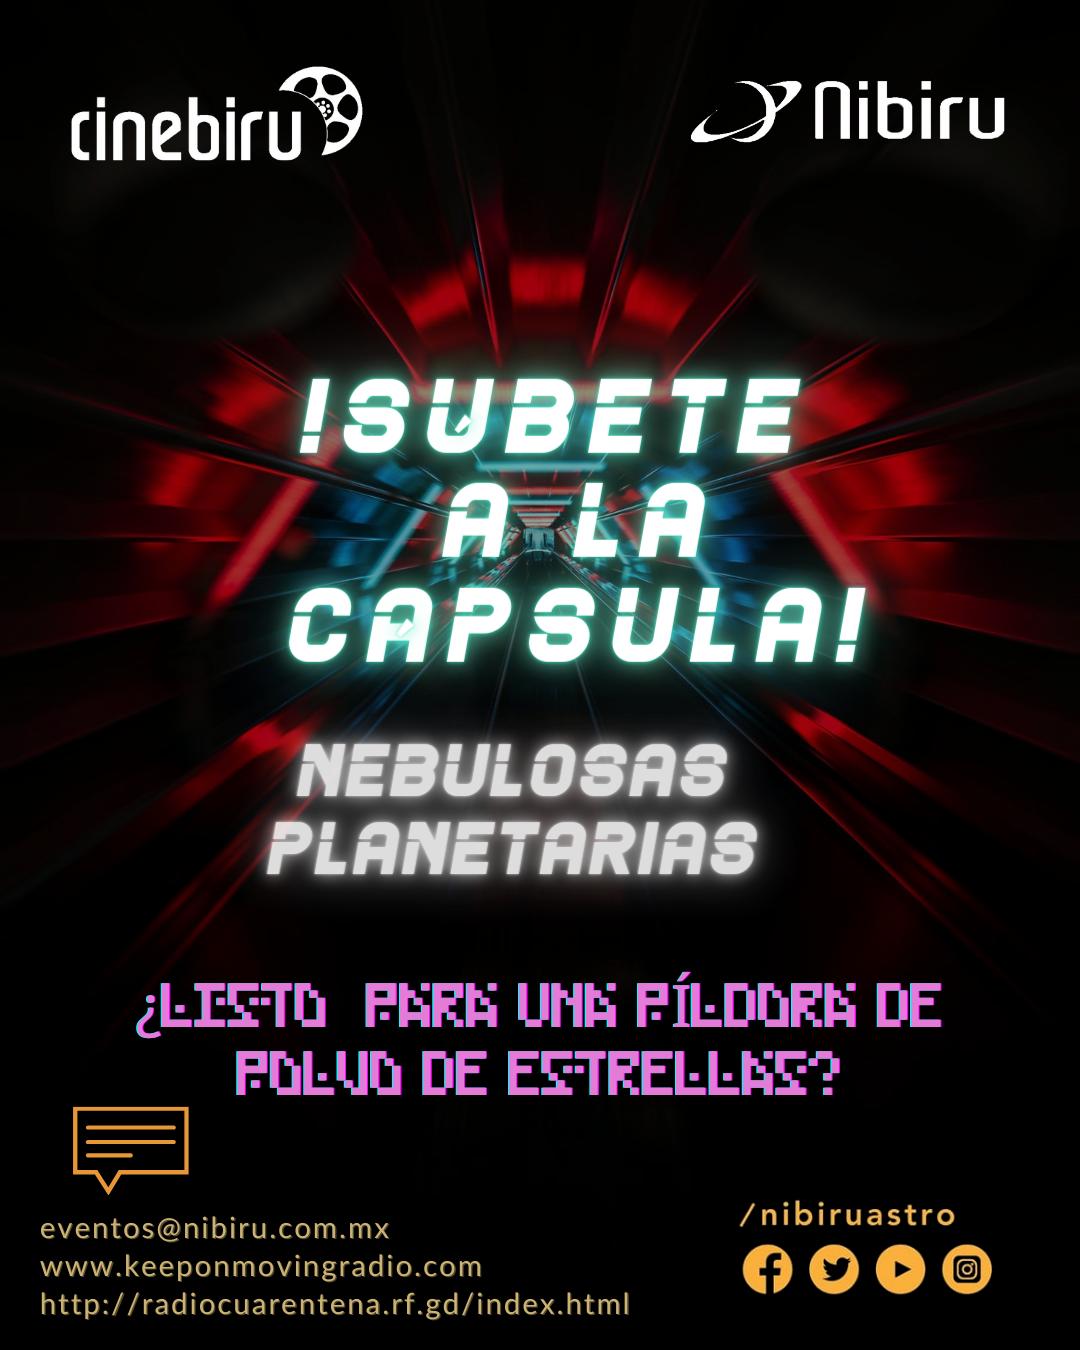 ¡Súbete a la cápsula! – Nebulosas Planetarias.